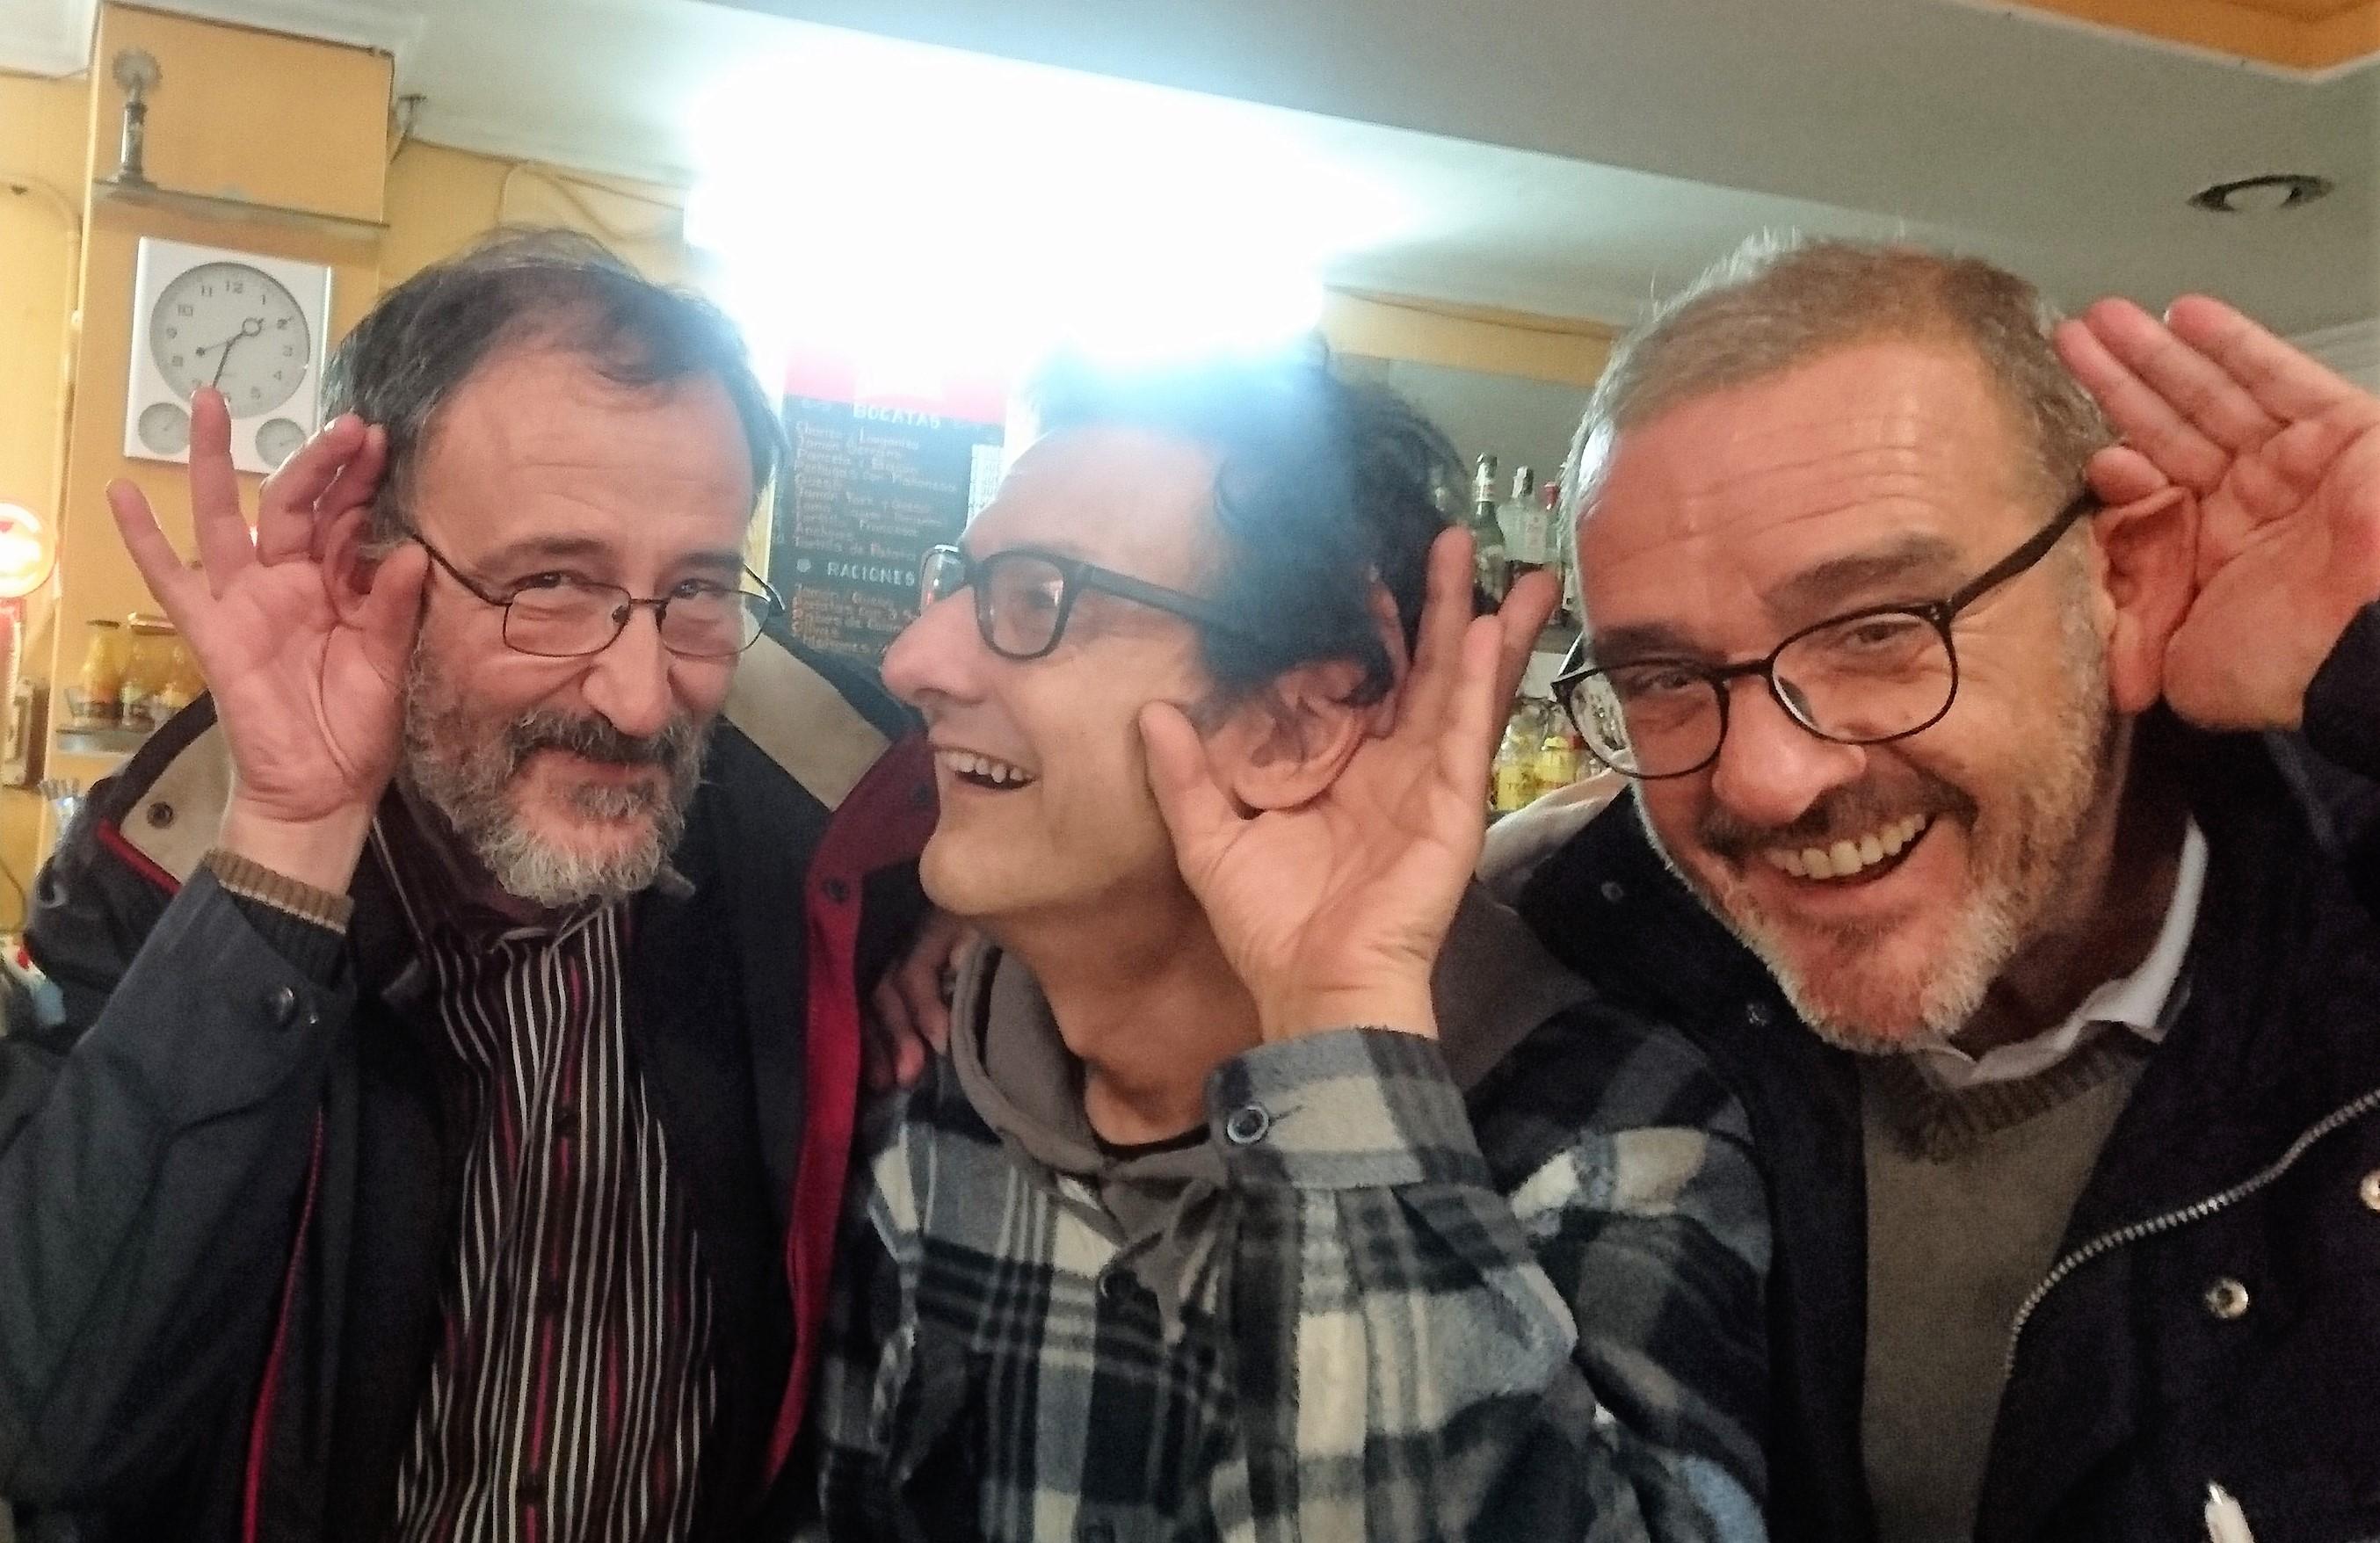 Chema Lopez Alcoitia, Santi Ric y Manuel Alcaine - Fundadores de